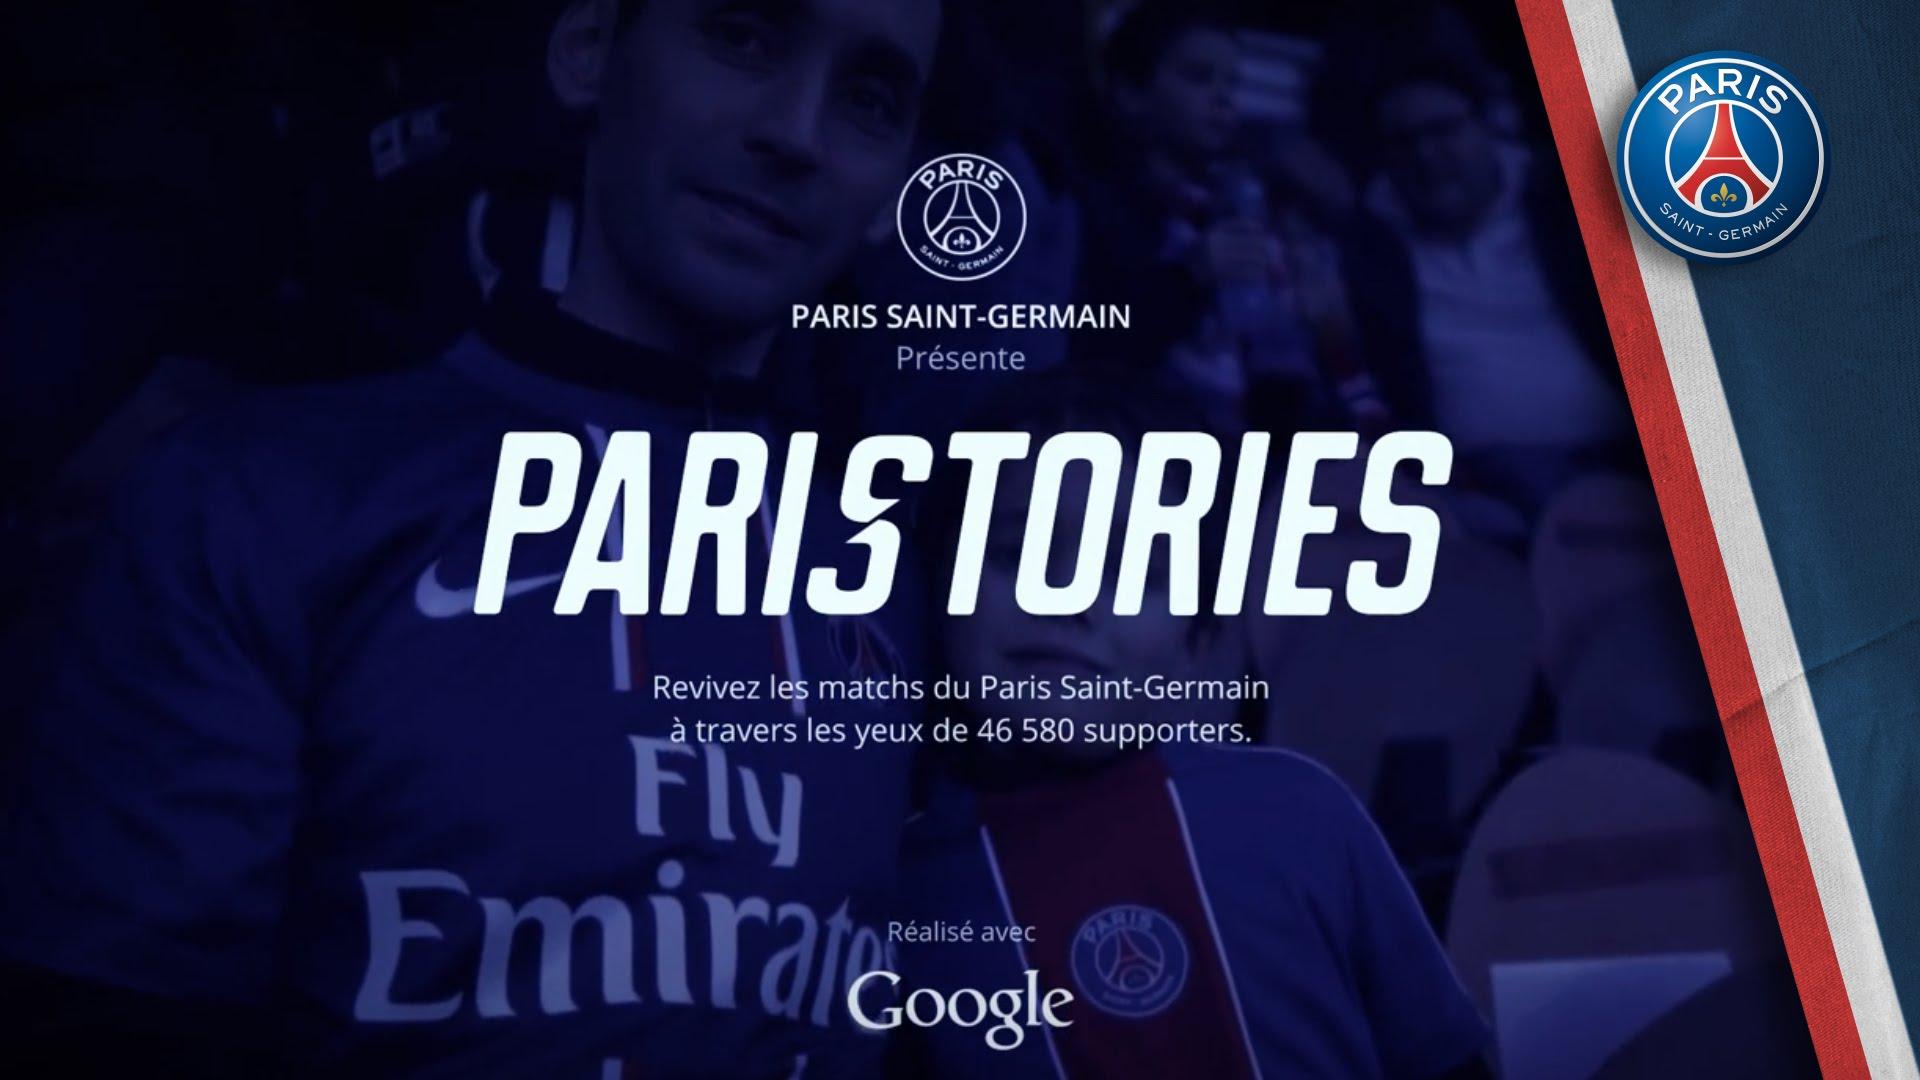 #PARISTORIES - Paris-Nice